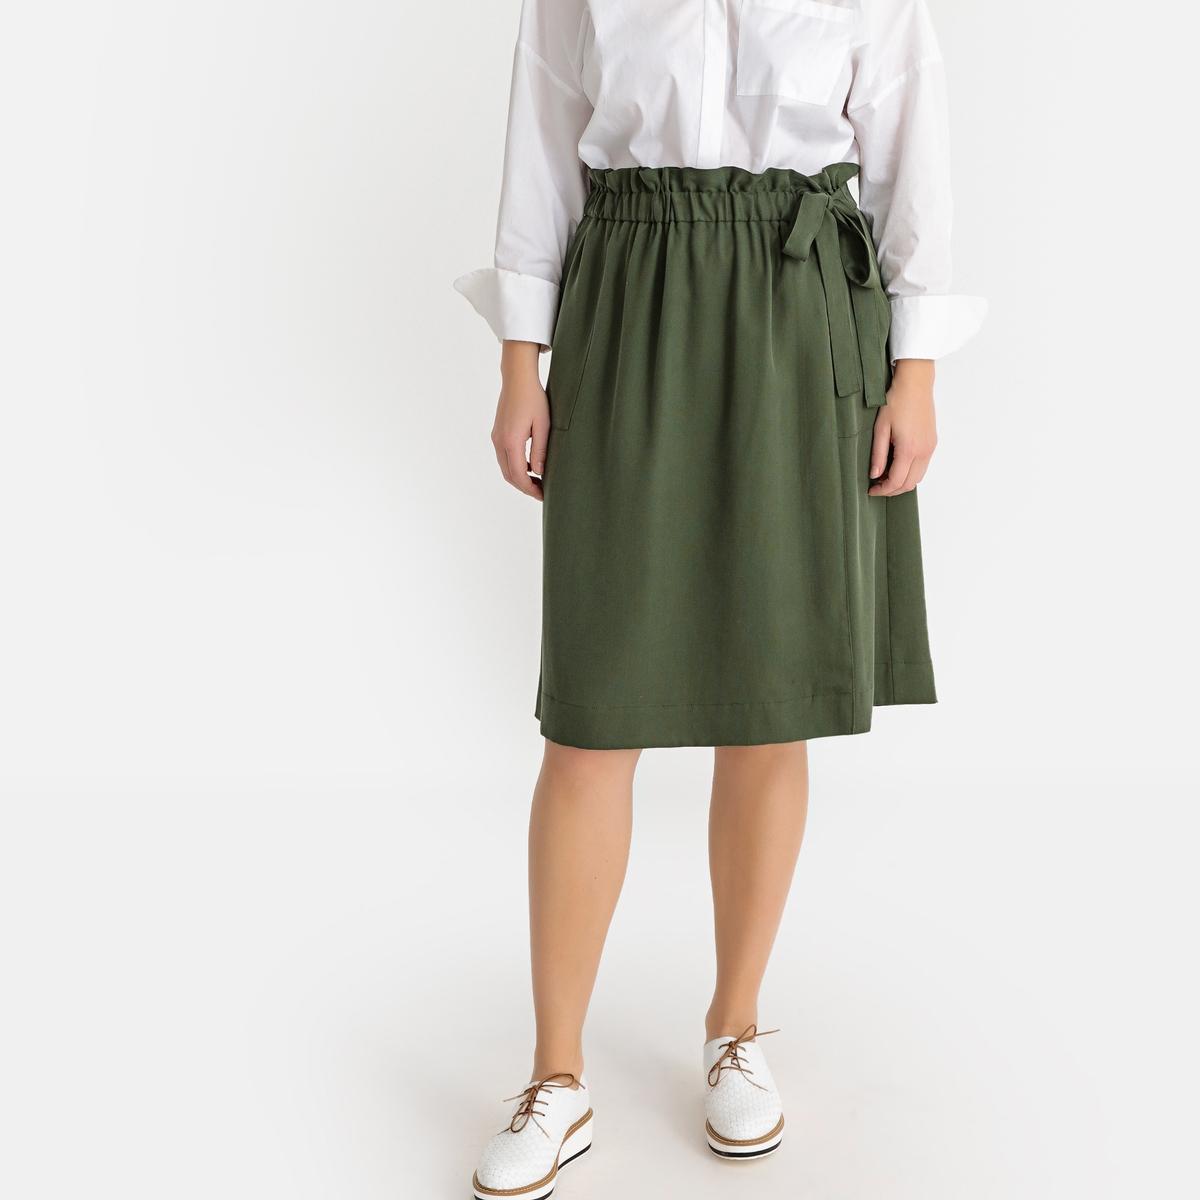 Юбка La Redoute С запахом средней длины из лиоцелла 42 (FR) - 48 (RUS) зеленый юбка с запахом на пуговицах